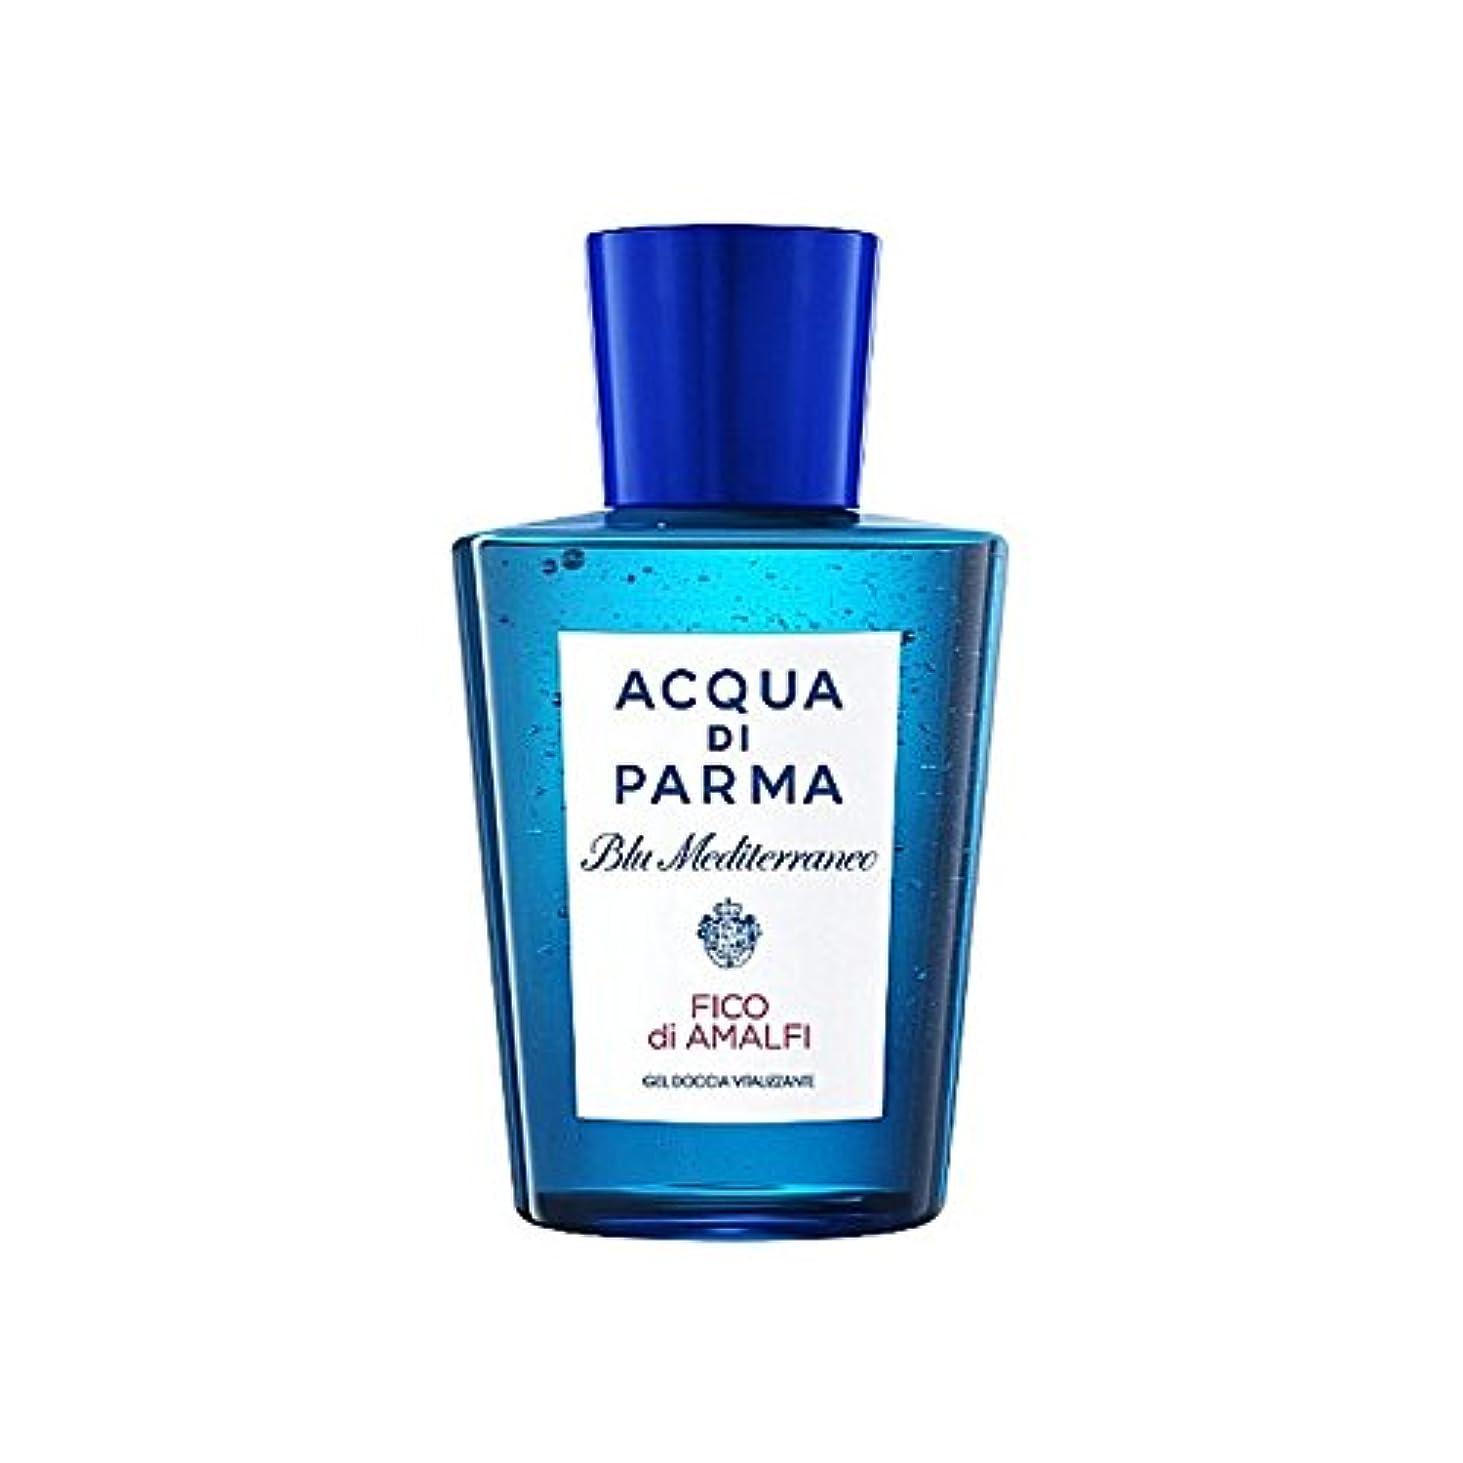 憂鬱満員安全なAcqua Di Parma Blu Mediterraneo Fico Di Amalfi Shower Gel 200ml - アクアディパルマブルーメディジアマルフィシャワージェル200 [並行輸入品]